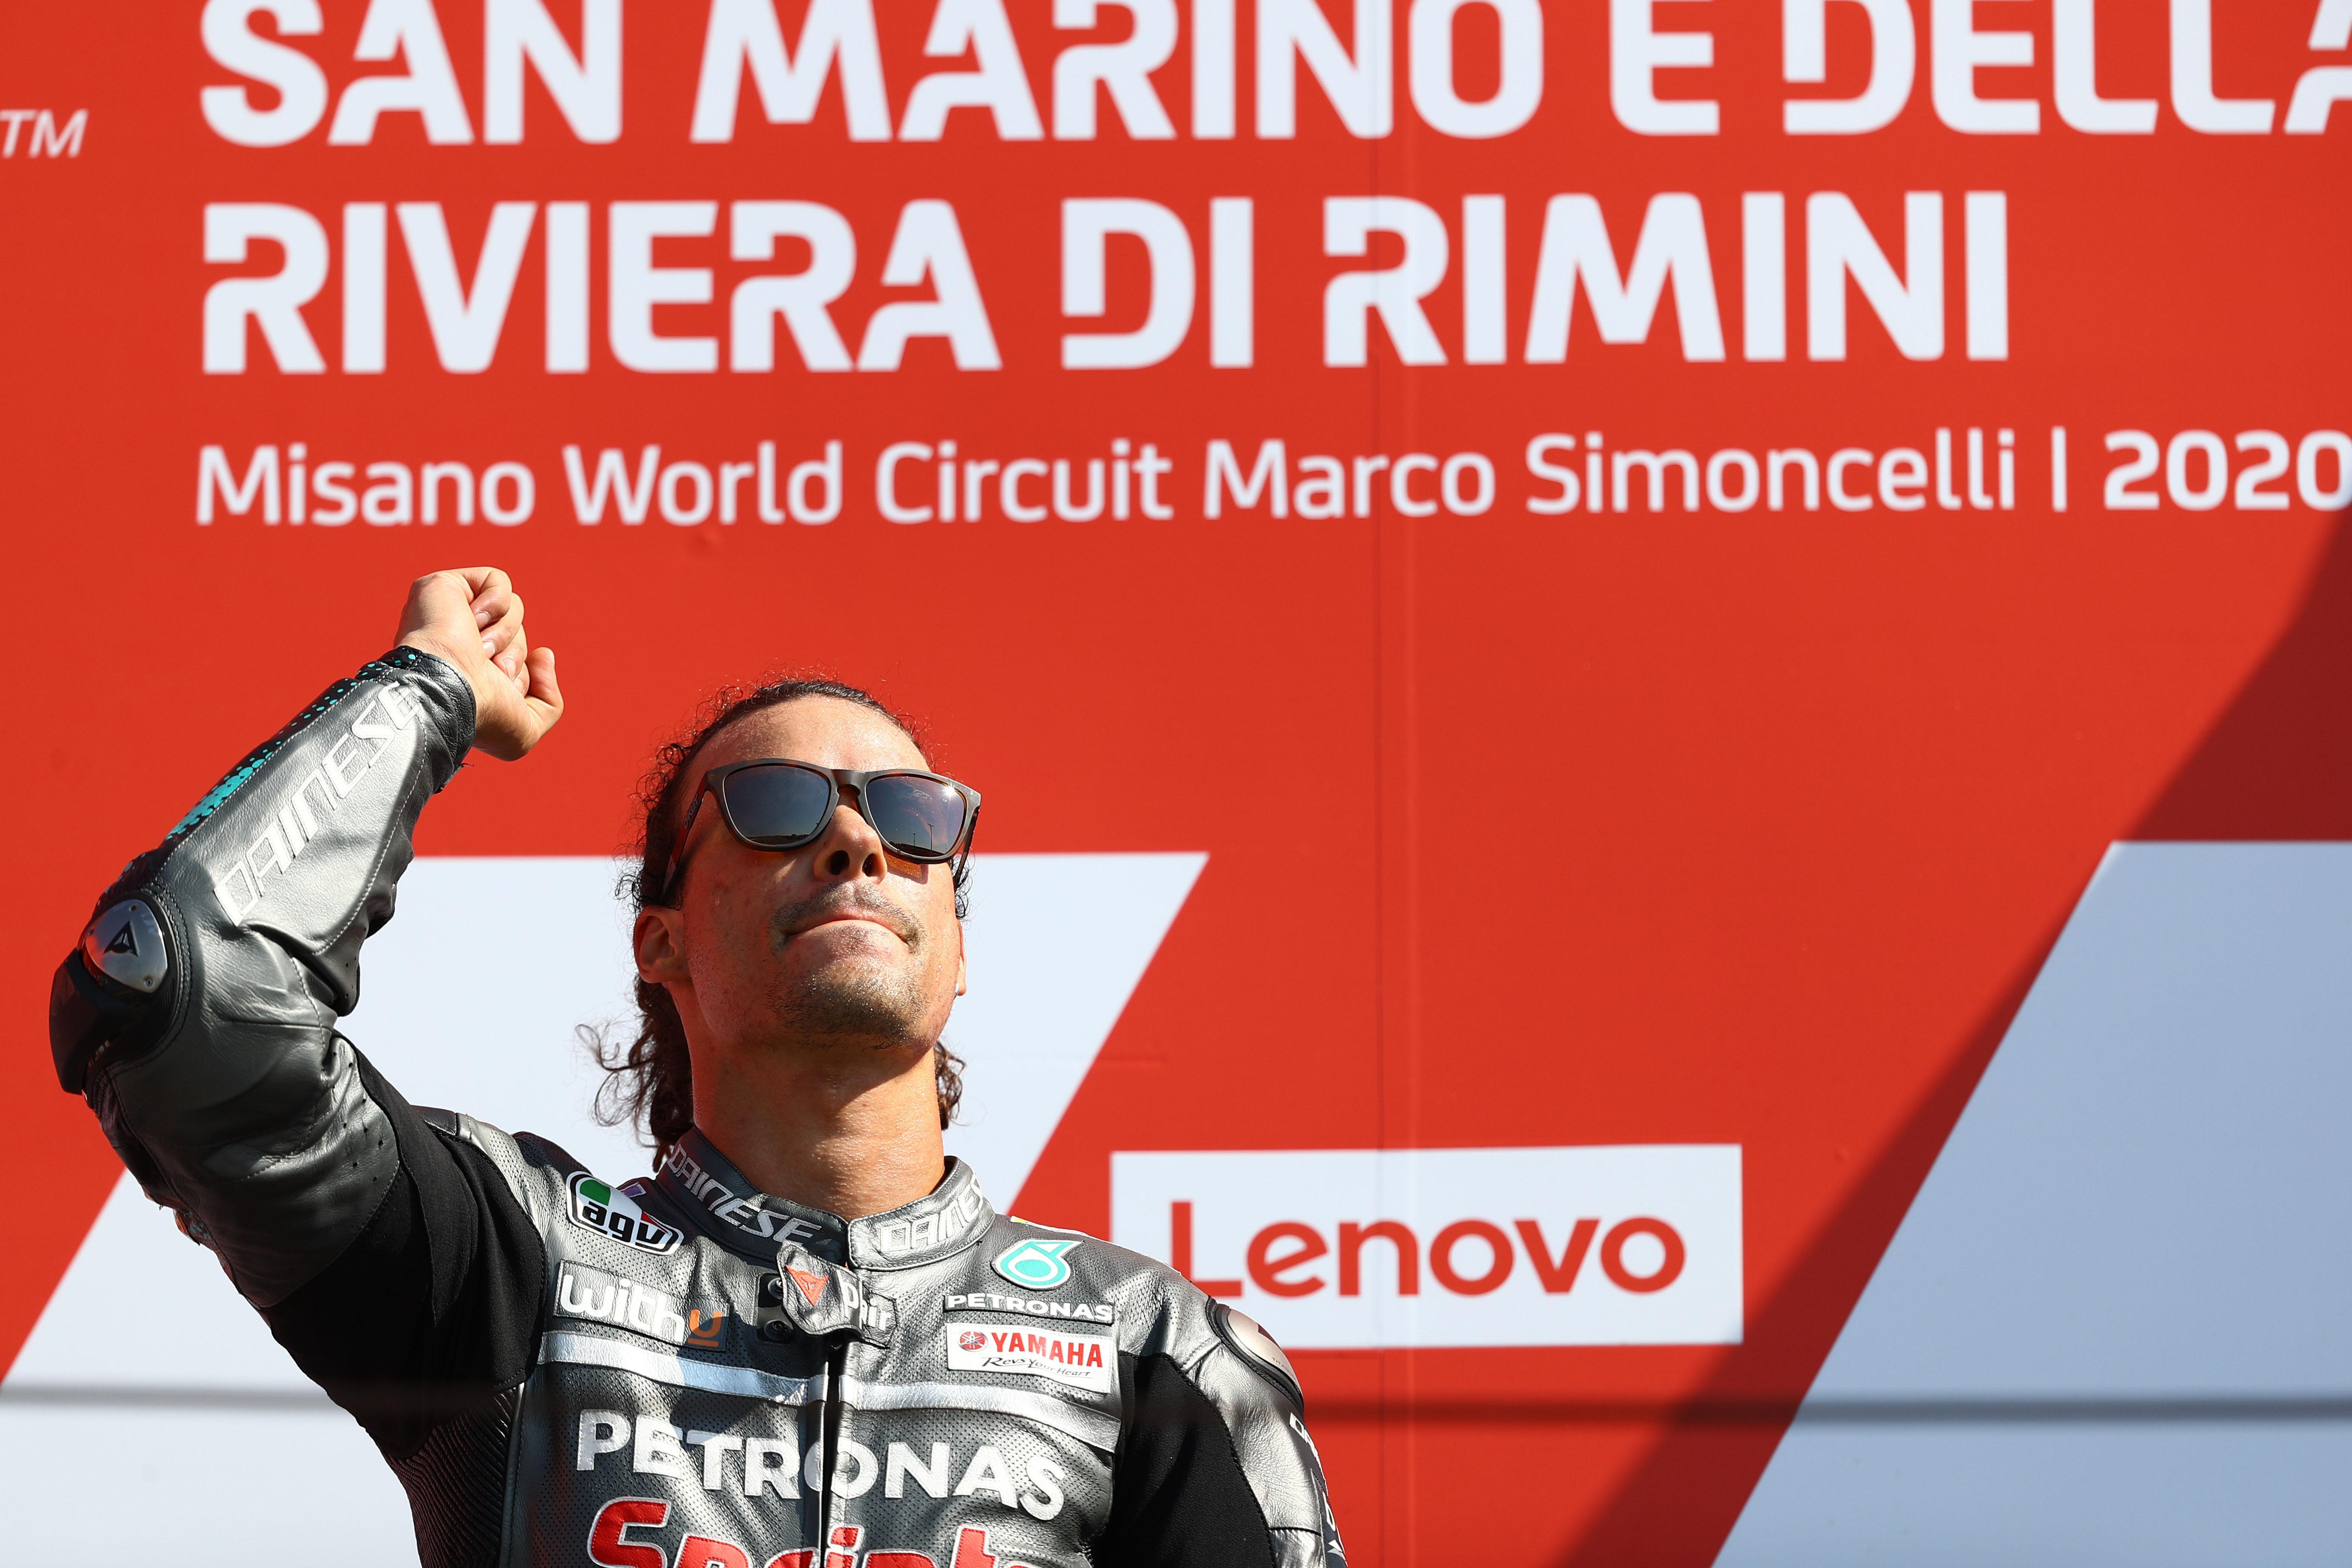 Franco Morbidelli wins Misano MotoGP 2020